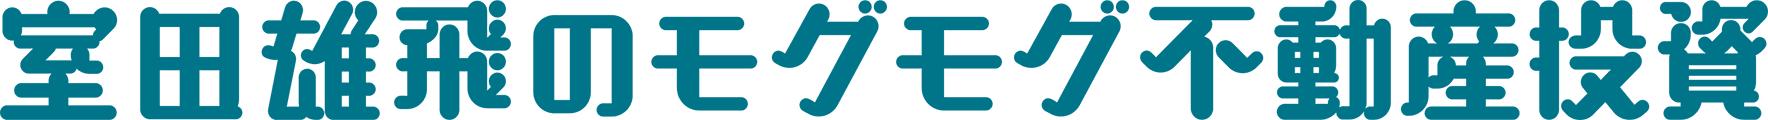 室田雄飛のモグモグ不動産投資ブログ